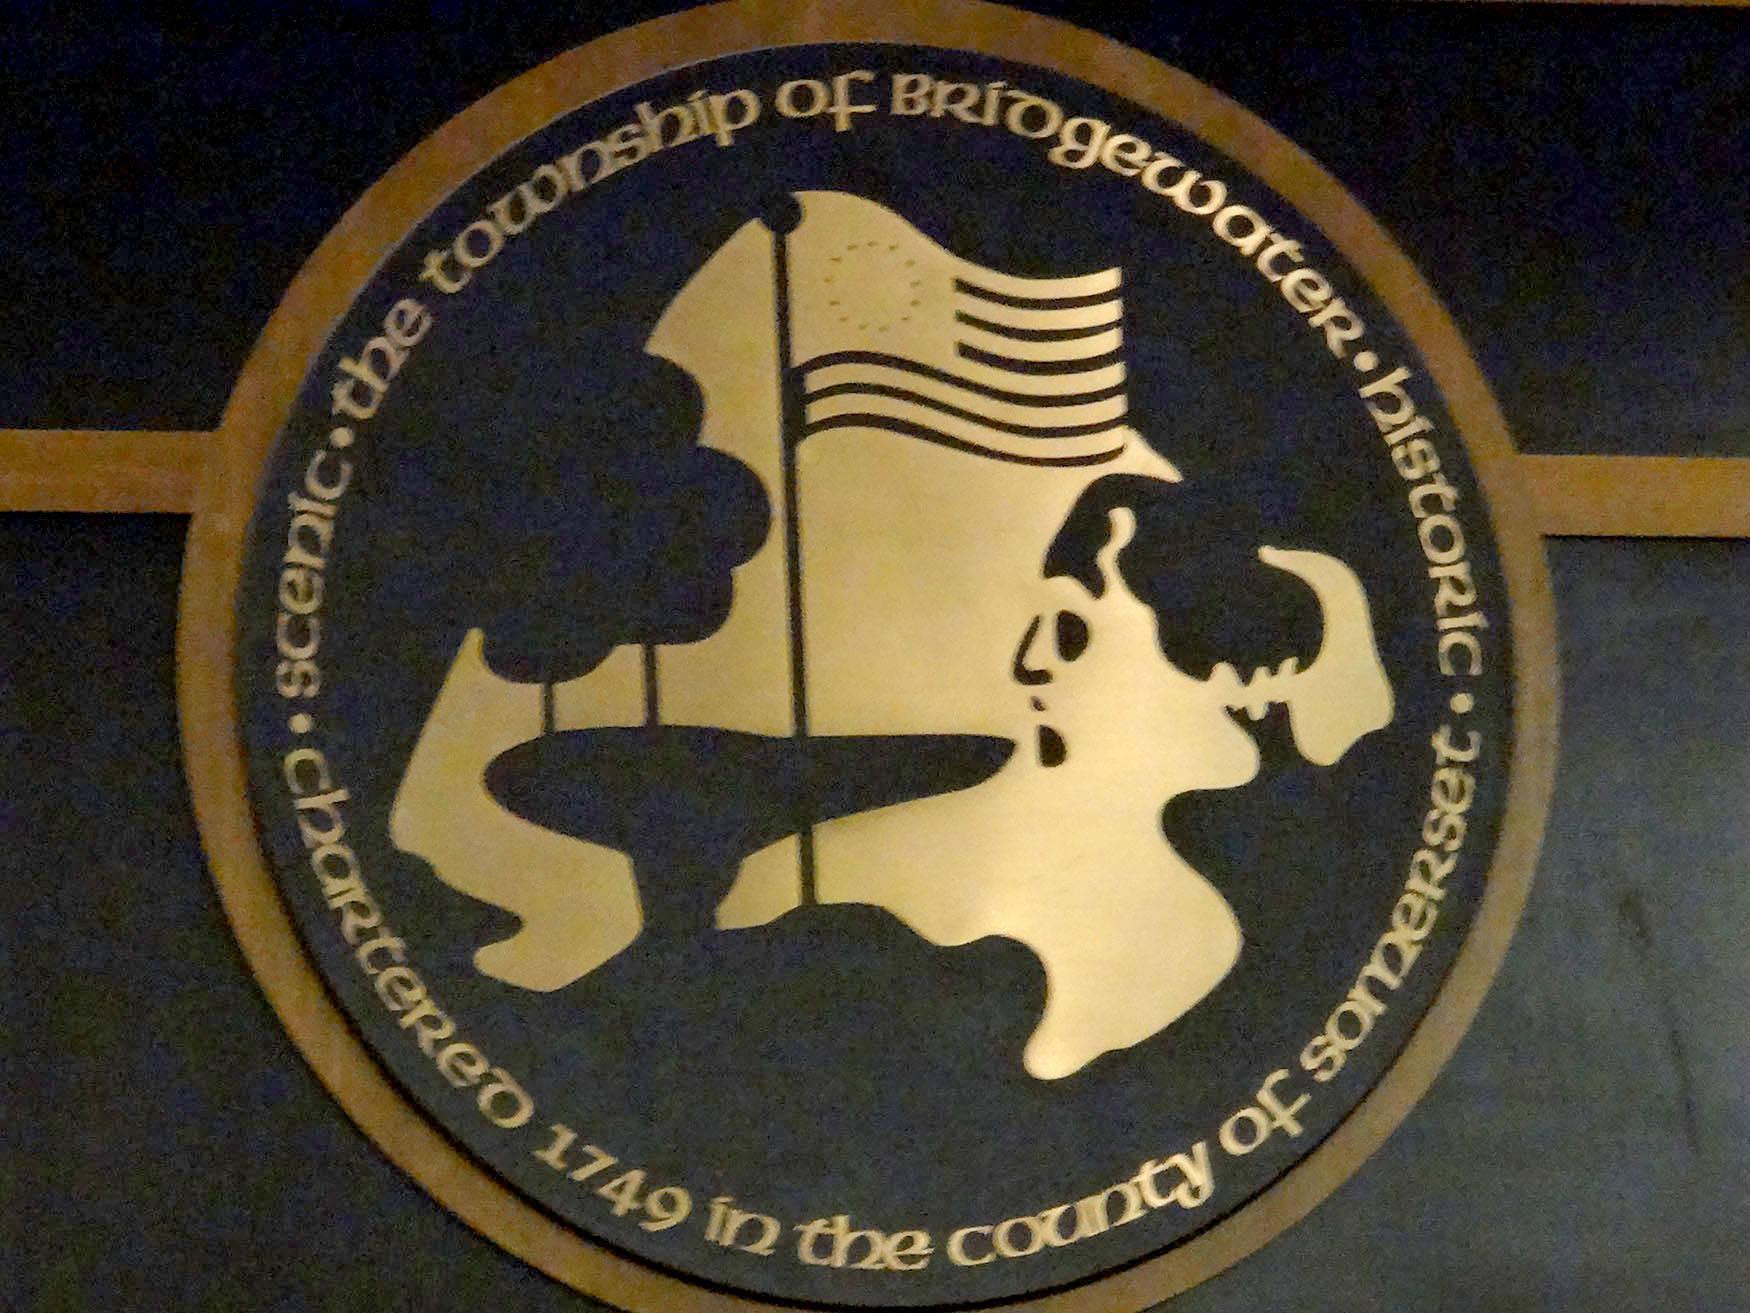 924a60c49a6e52f8a559_Bridgewater_symbol.jpg